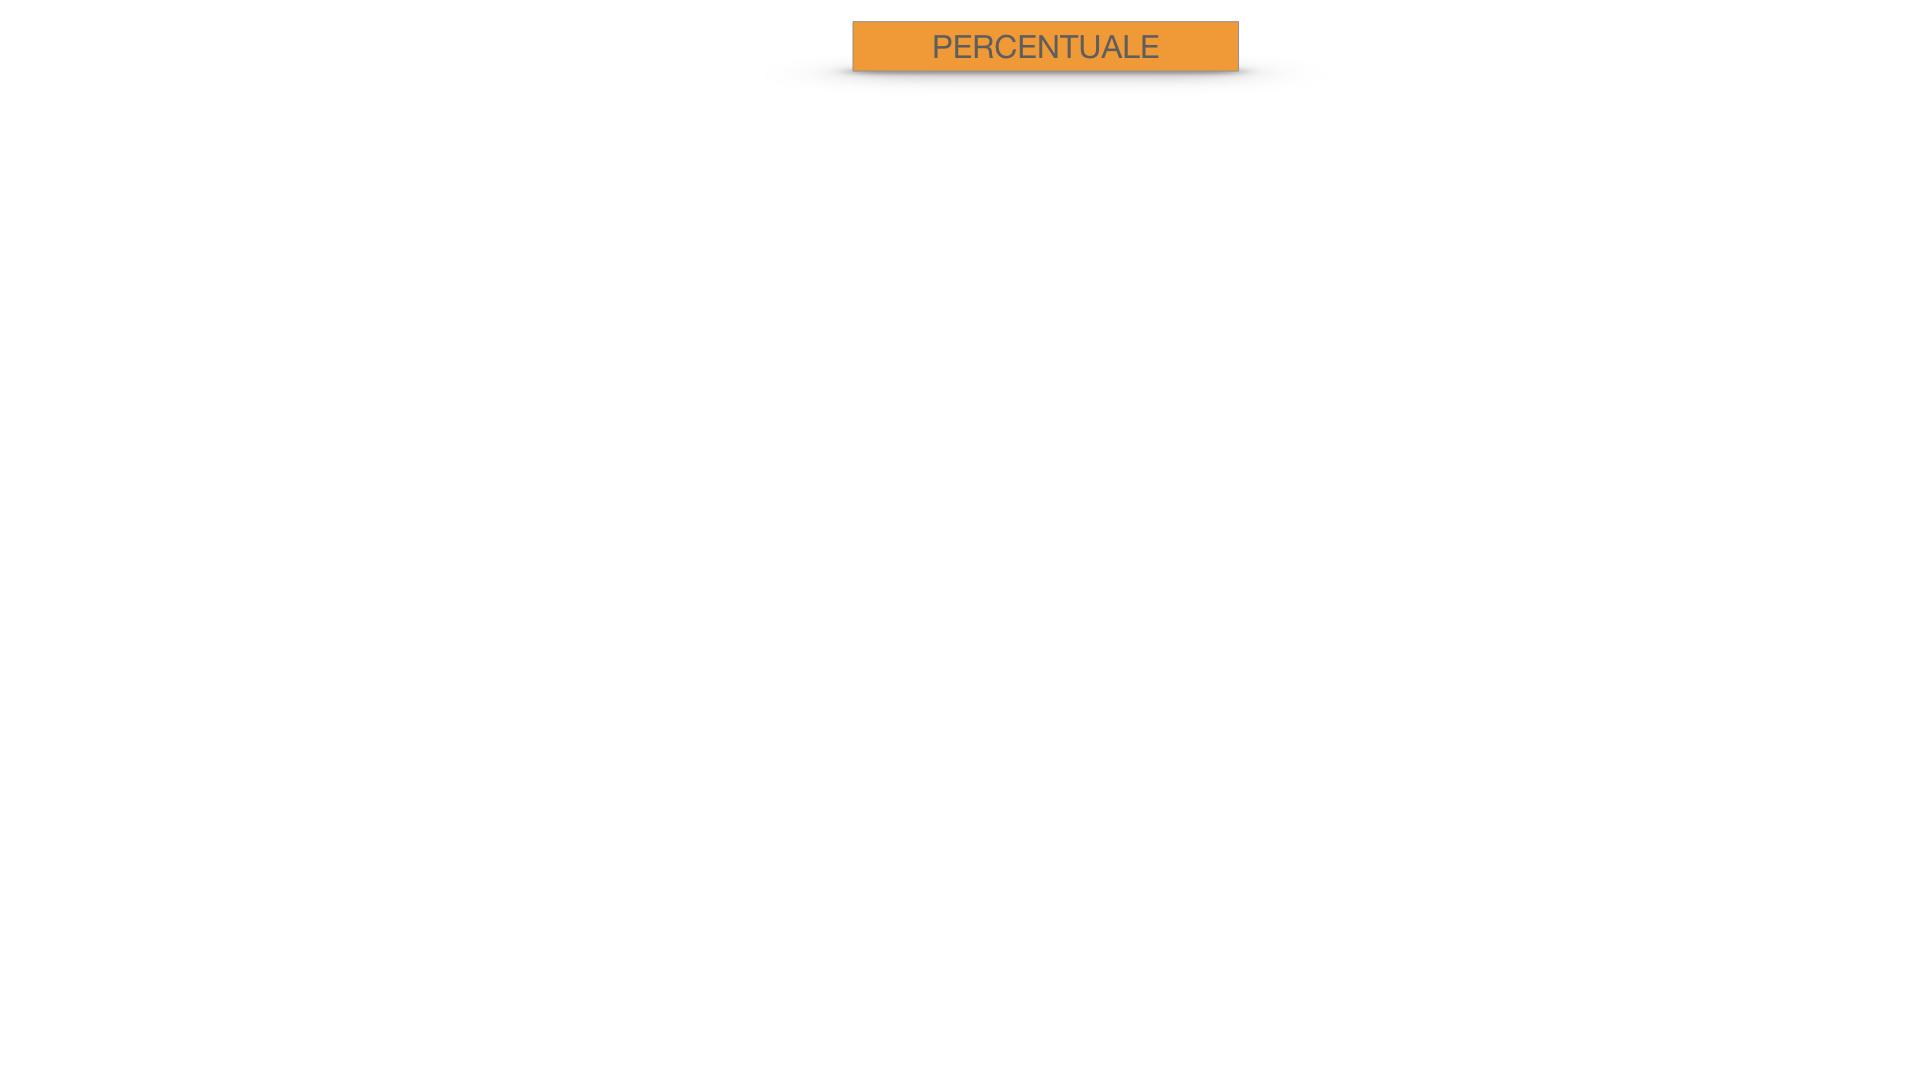 PERCENTUALE_SIMULAZIONE.016